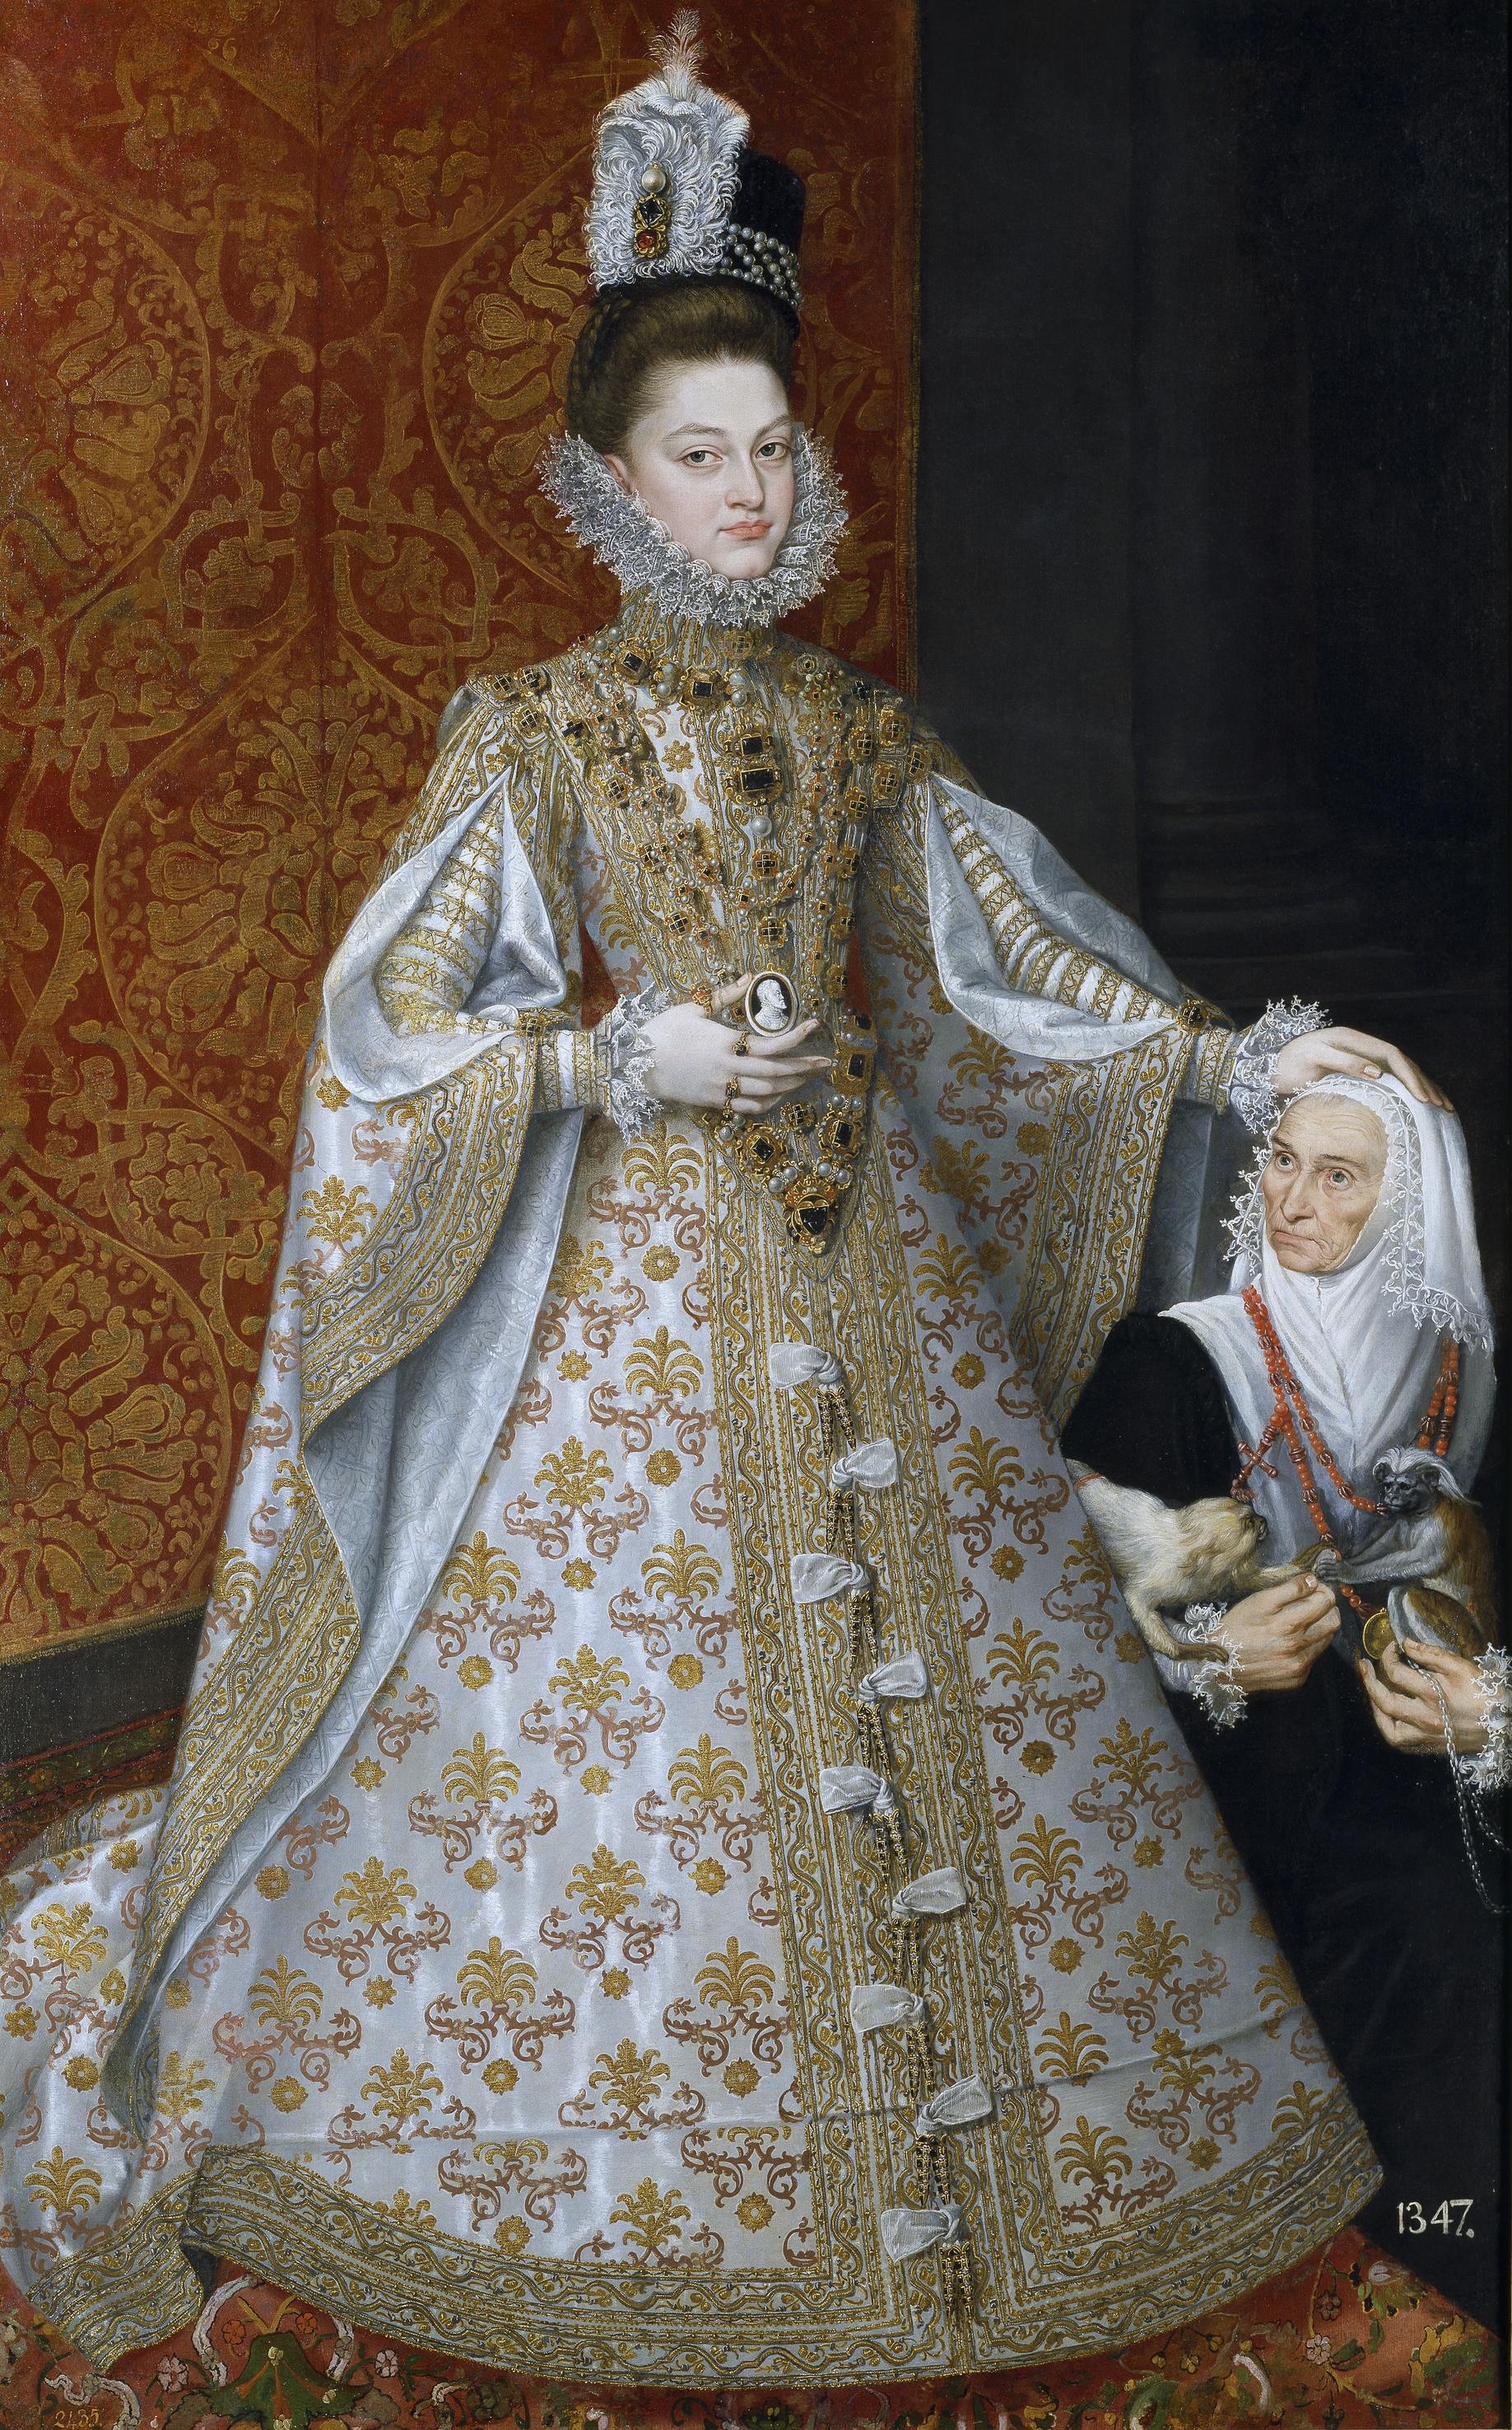 Alonso Sánchez Coello: La infanta Isabel Clara Eugenia y Magdalena Ruiz, h. 1585-1588. Madrid, Museo Nacional del Prado.